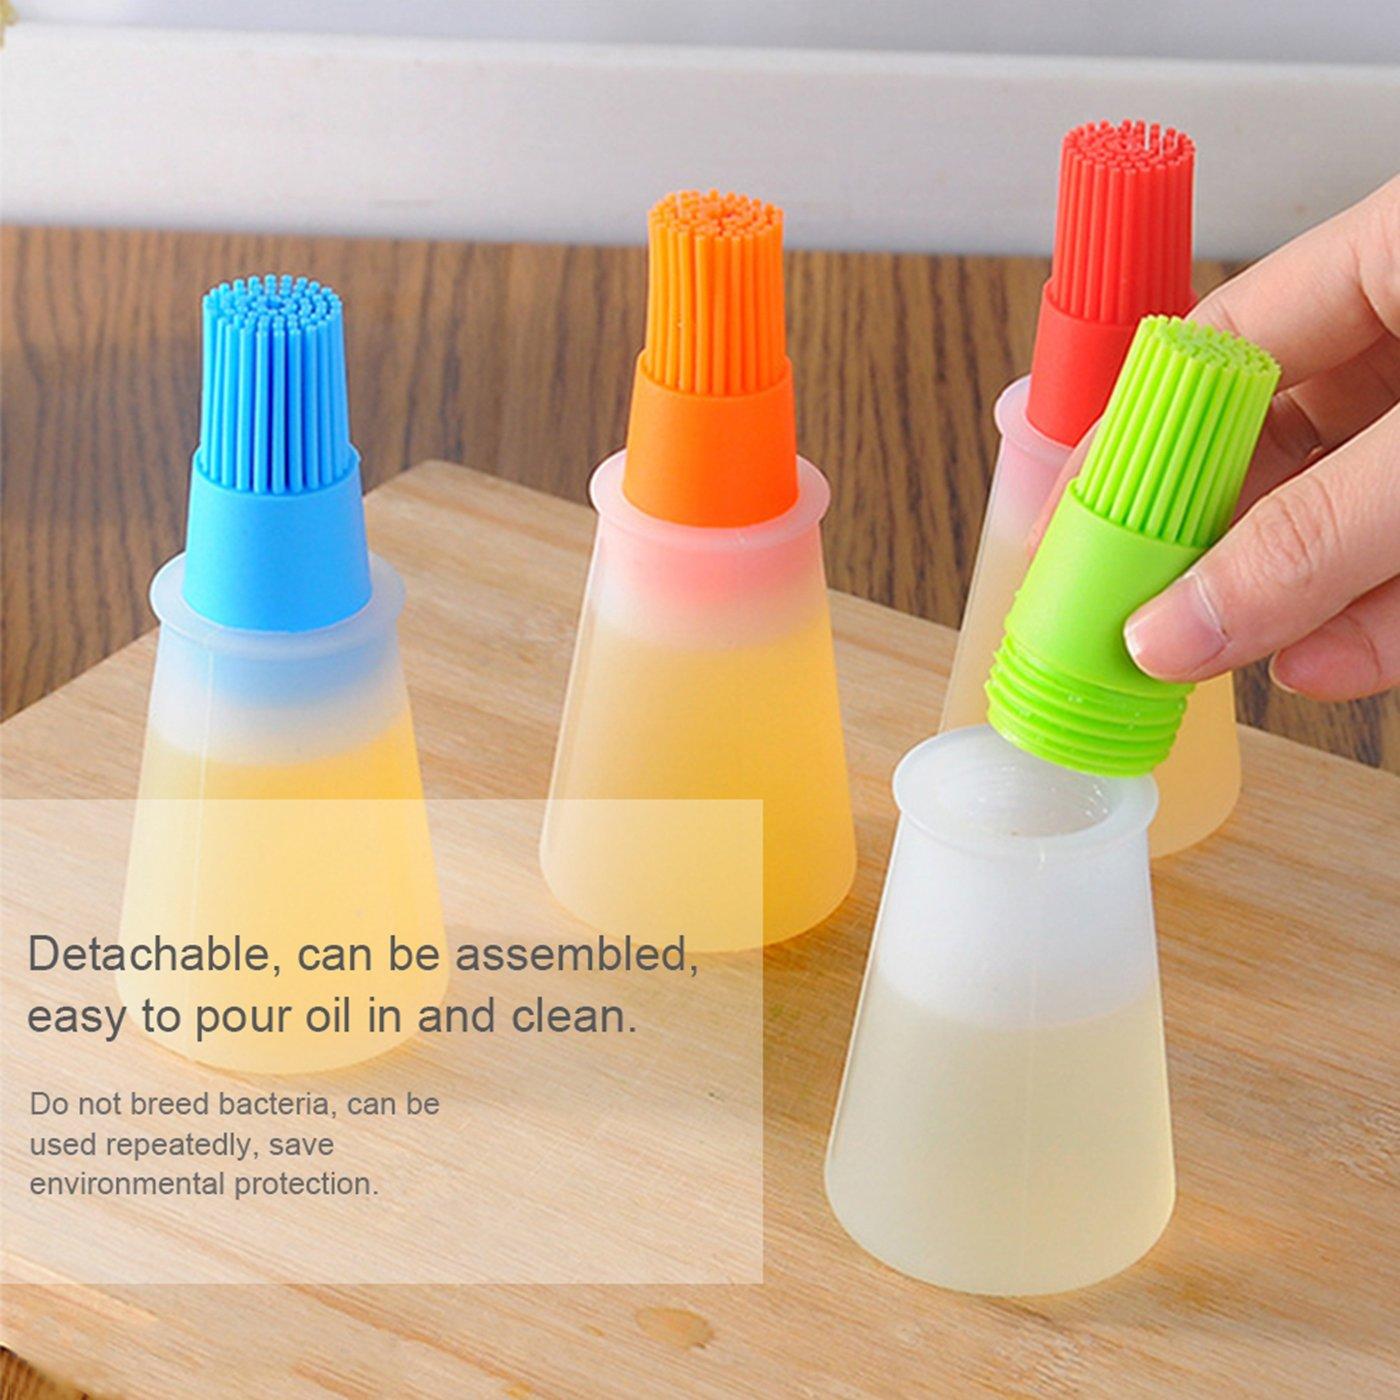 Cepillo de aceite de silicona, TONVER Good Grips Silicona Basting High Heat Resistente Cepillo de pastelería con diseño de botella de aceite, ...